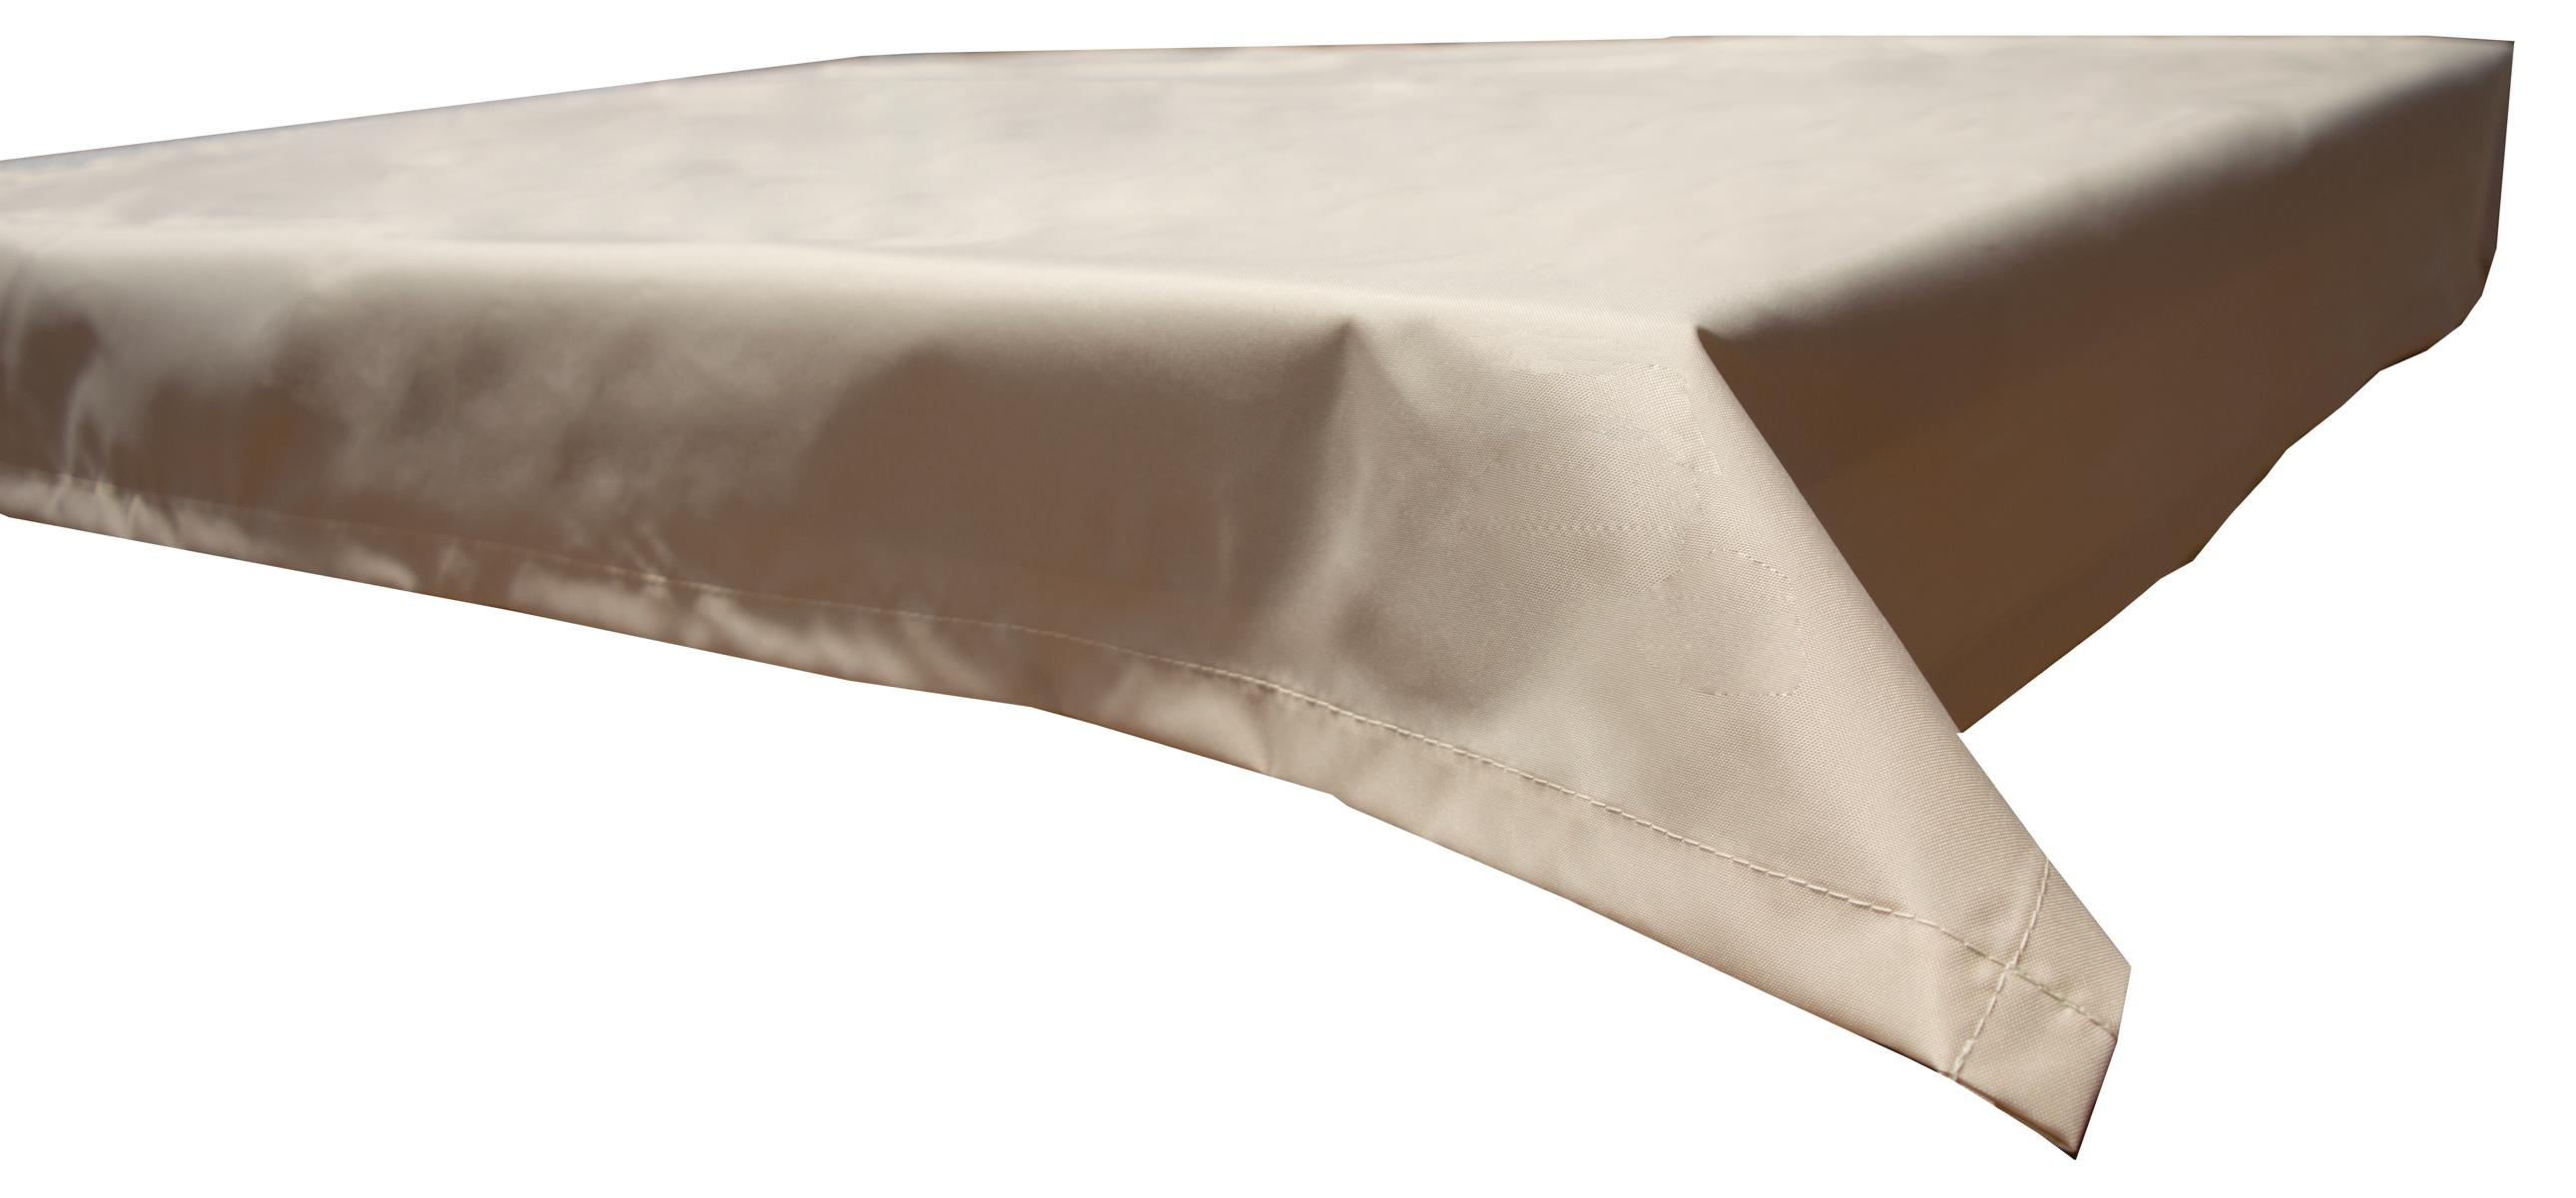 130x180 cm wasserabweisende Tischdecke 100% Polyester in beige